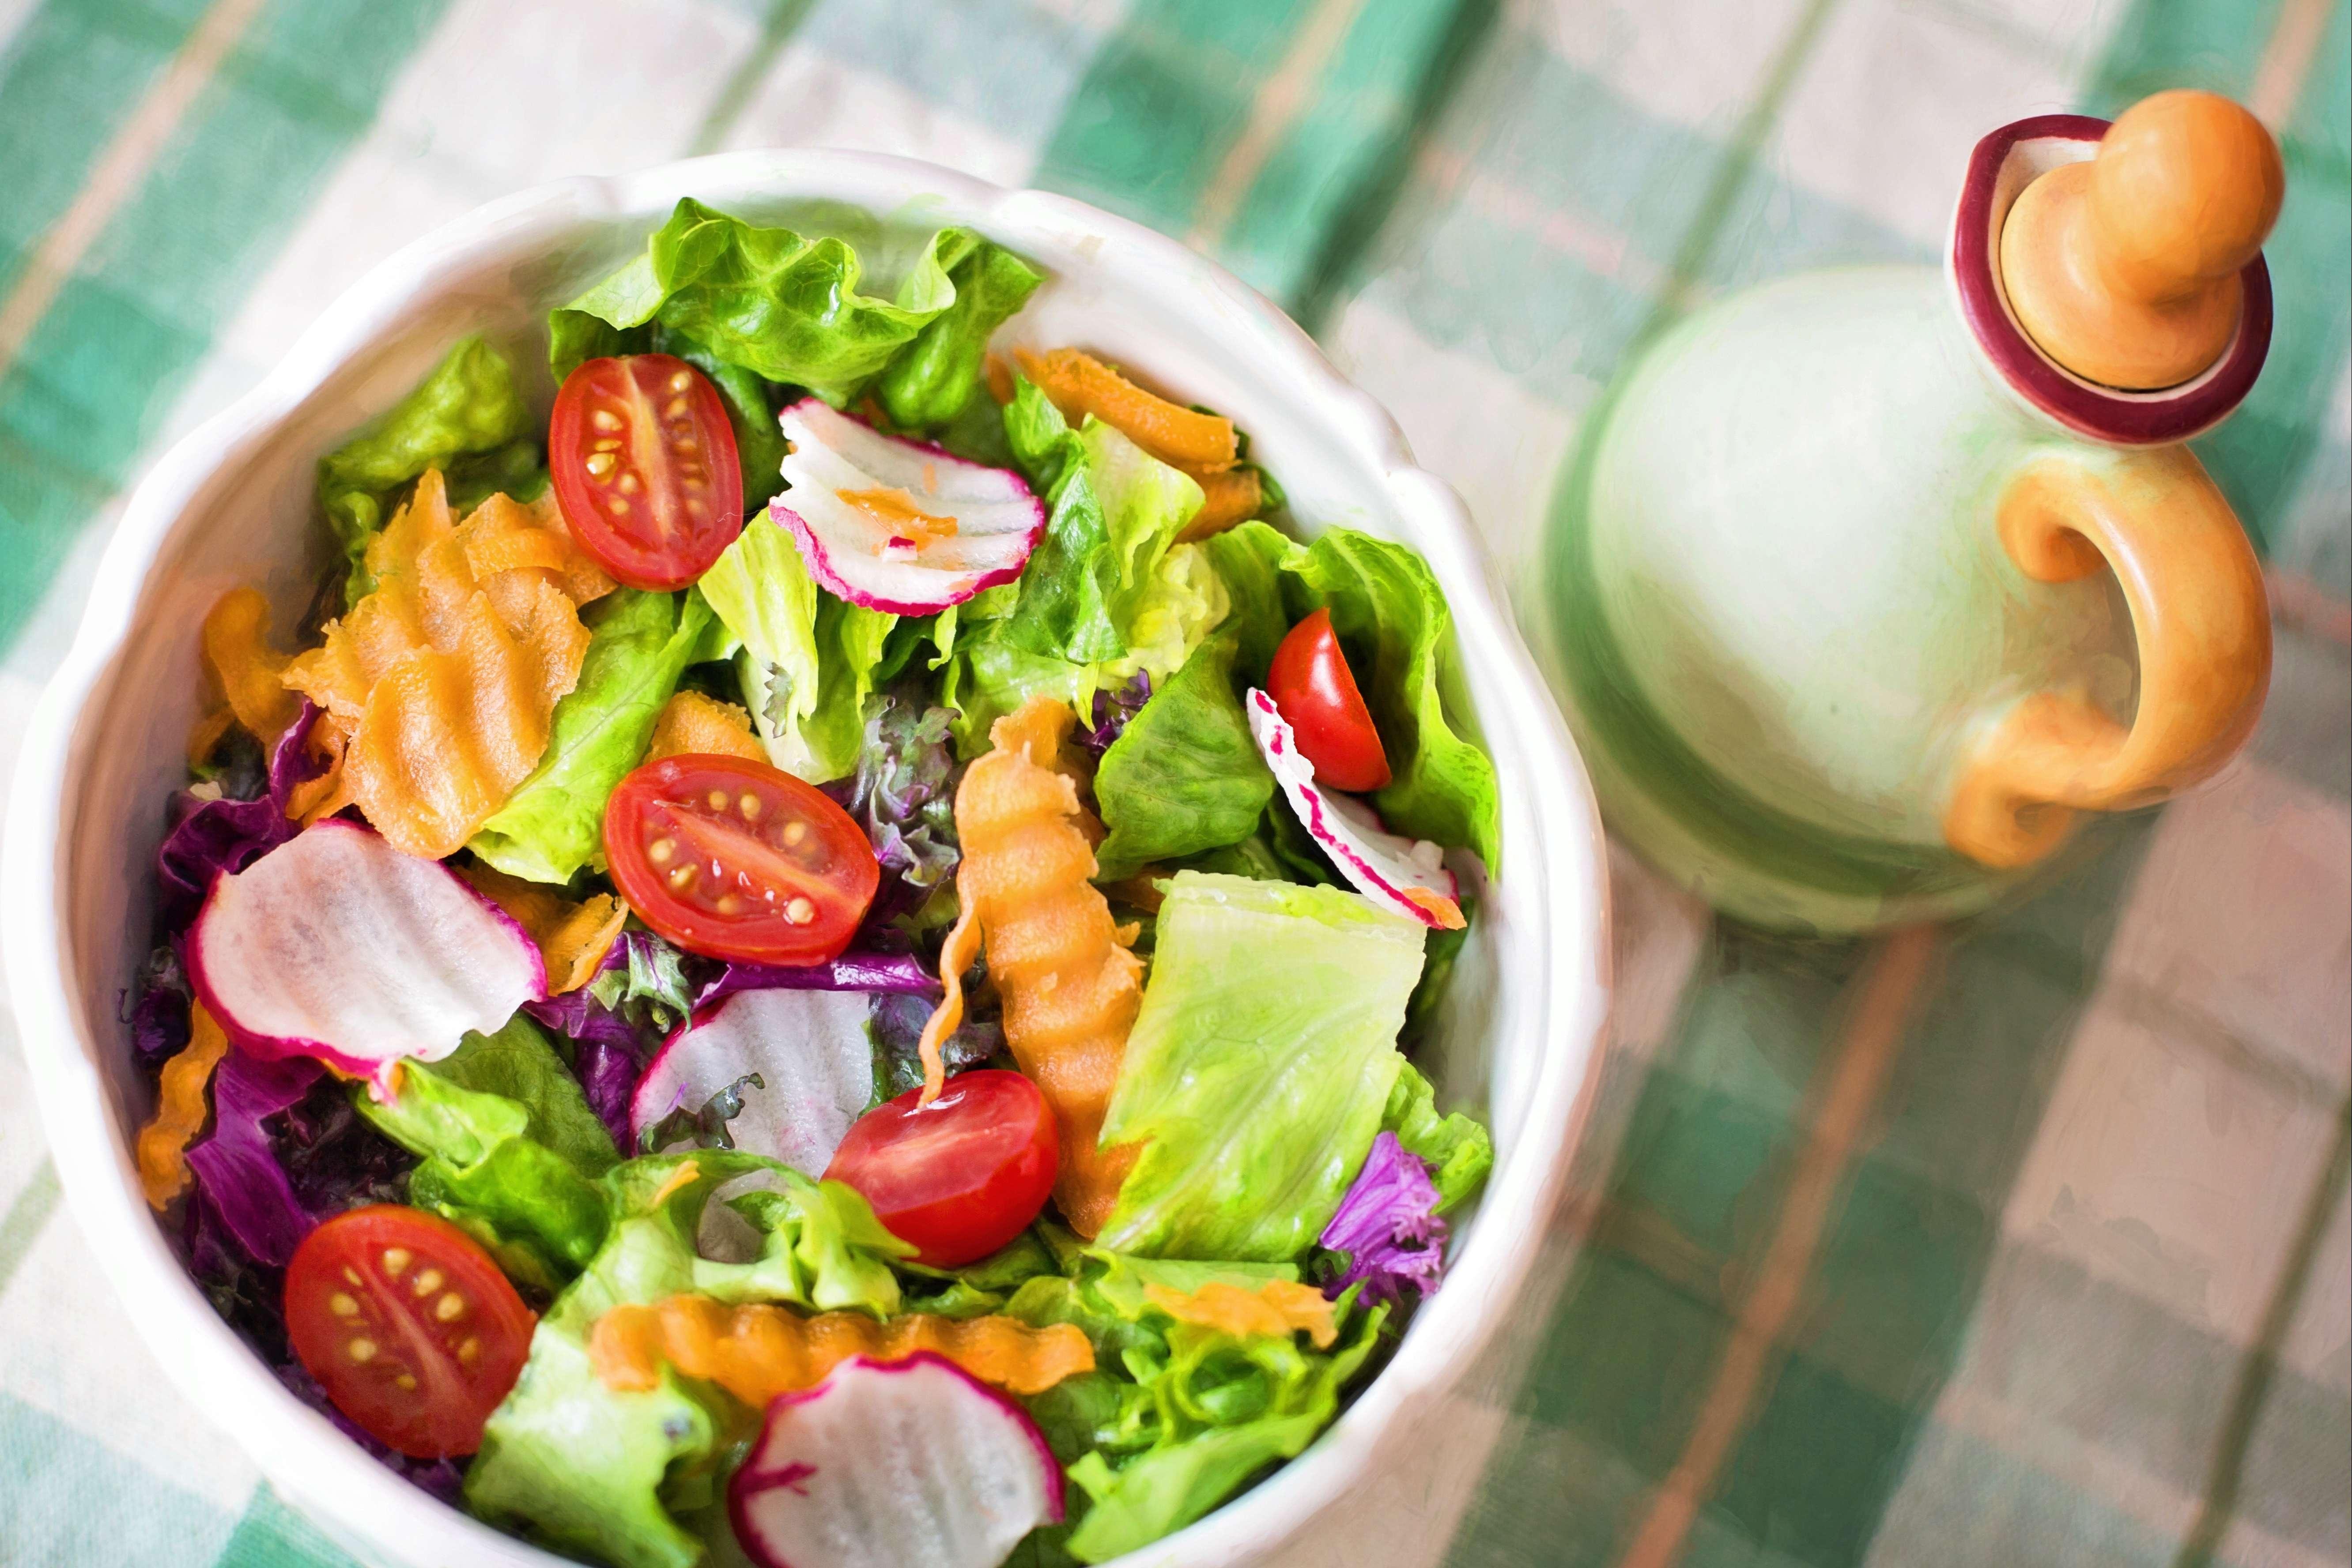 Bien manger pour prendre du muscle et perdre du gras